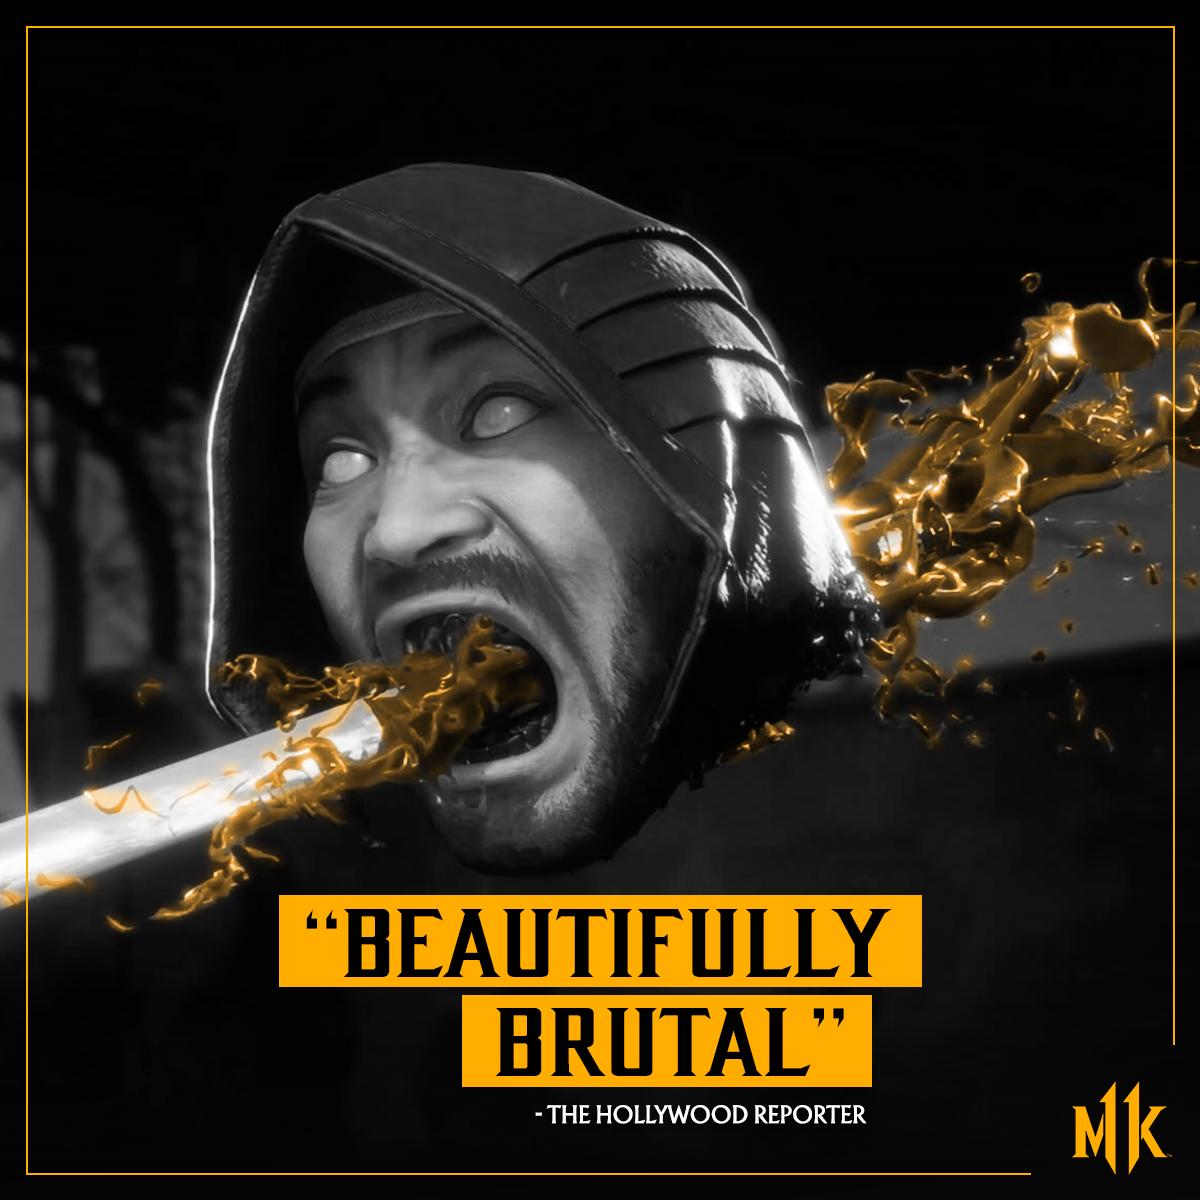 MK11 Golden Review